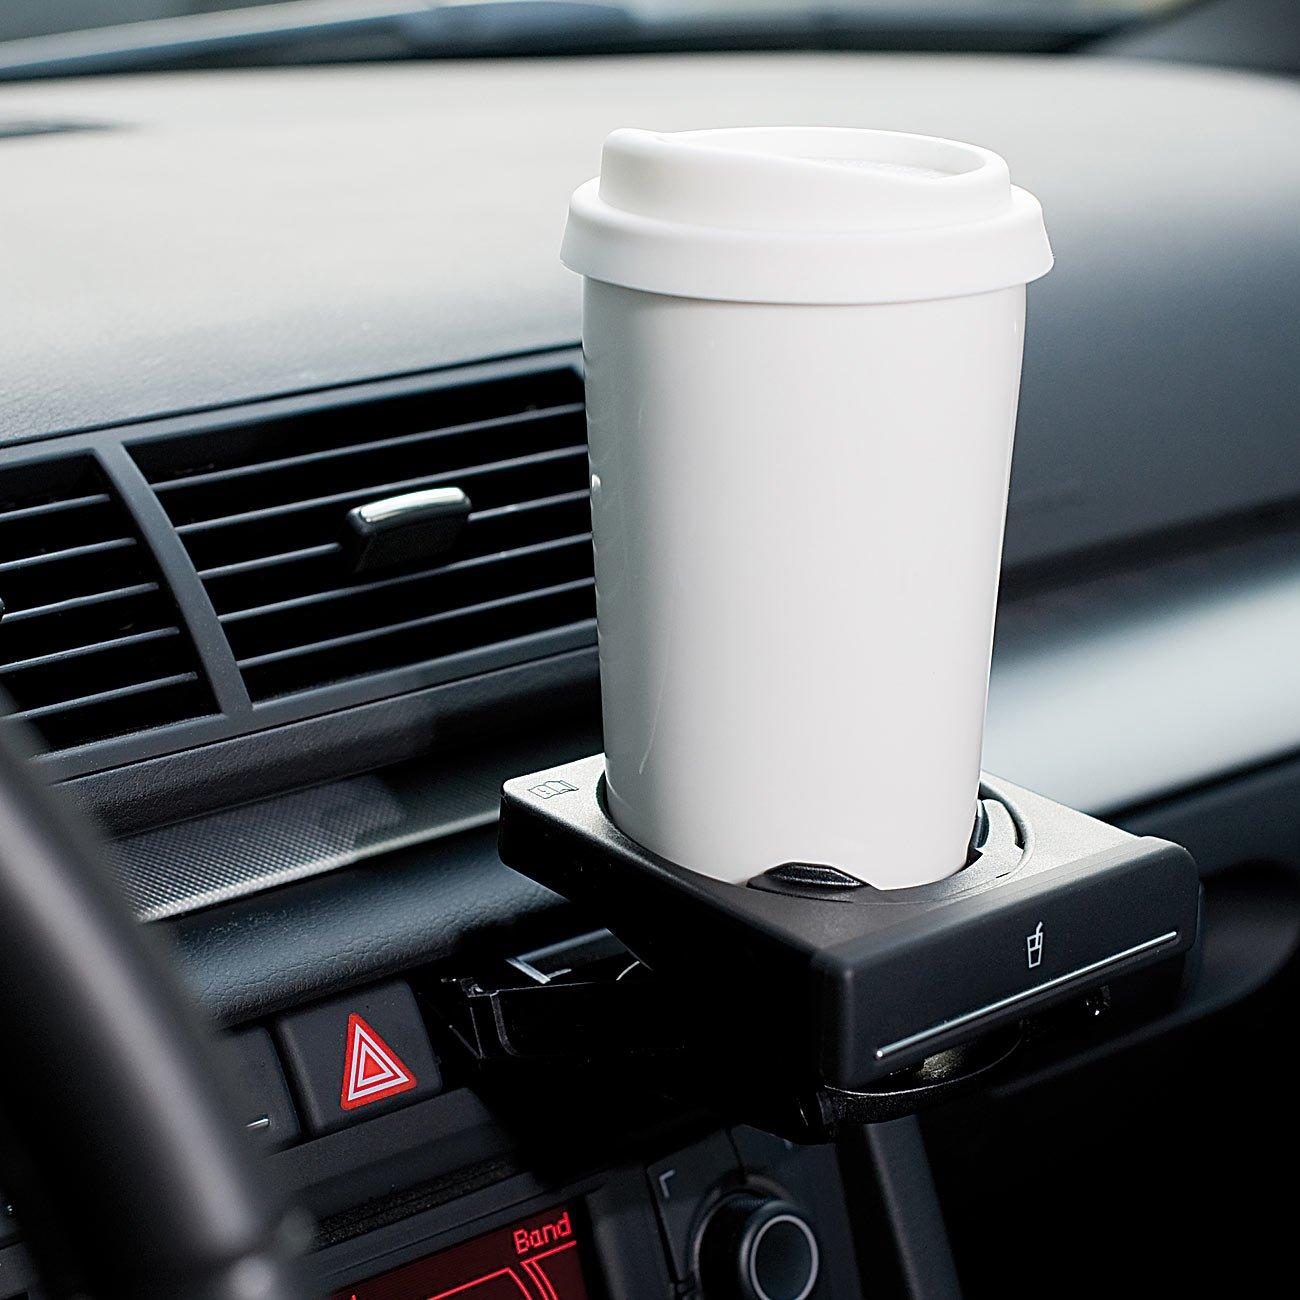 250 ml doppelwandig Thermo-Becher Rosenstein /& S/öhne Kaffeebecher: 2 Coffee-to-go-Becher aus Keramik Silikondeckel